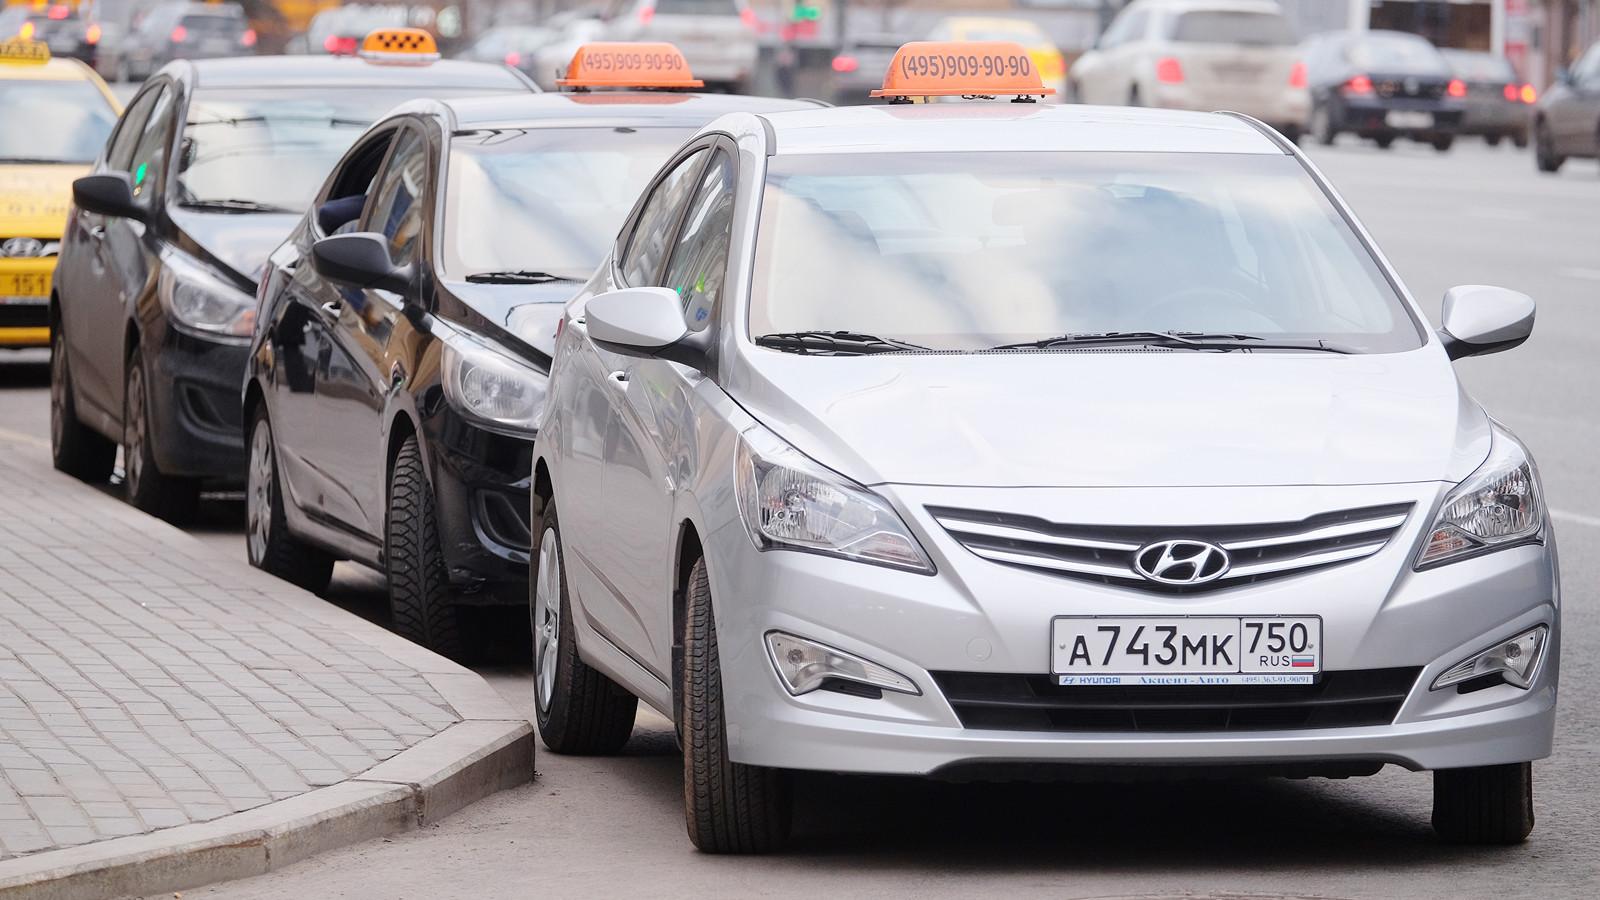 Бесплатную парковку организовали в столицеРФ с4 по6ноября